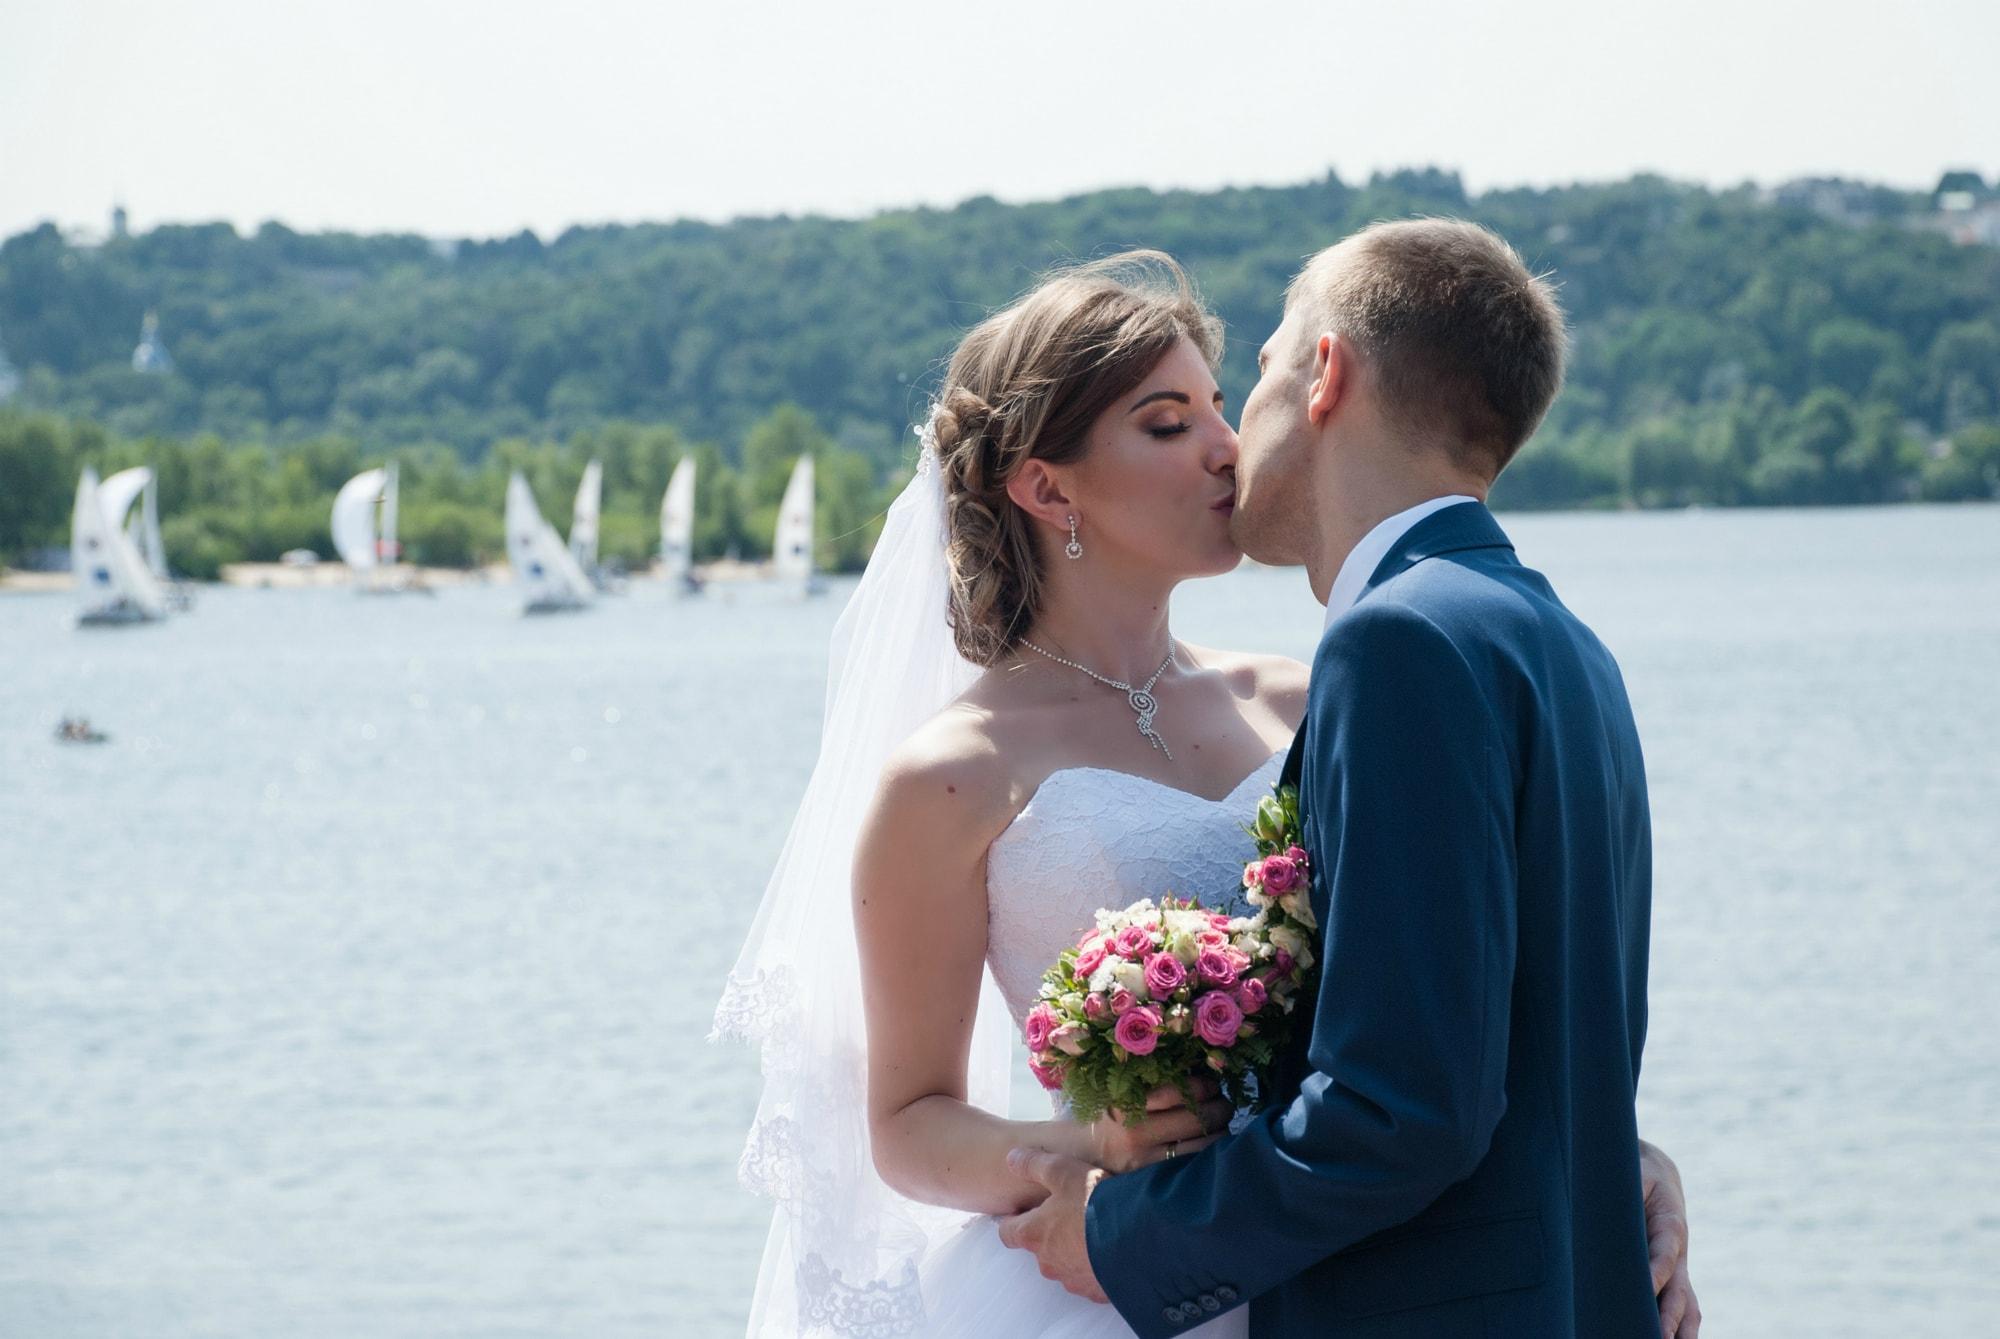 Нежный поцелуй возле Днепра - Фотограф Киев - Женя Лайт